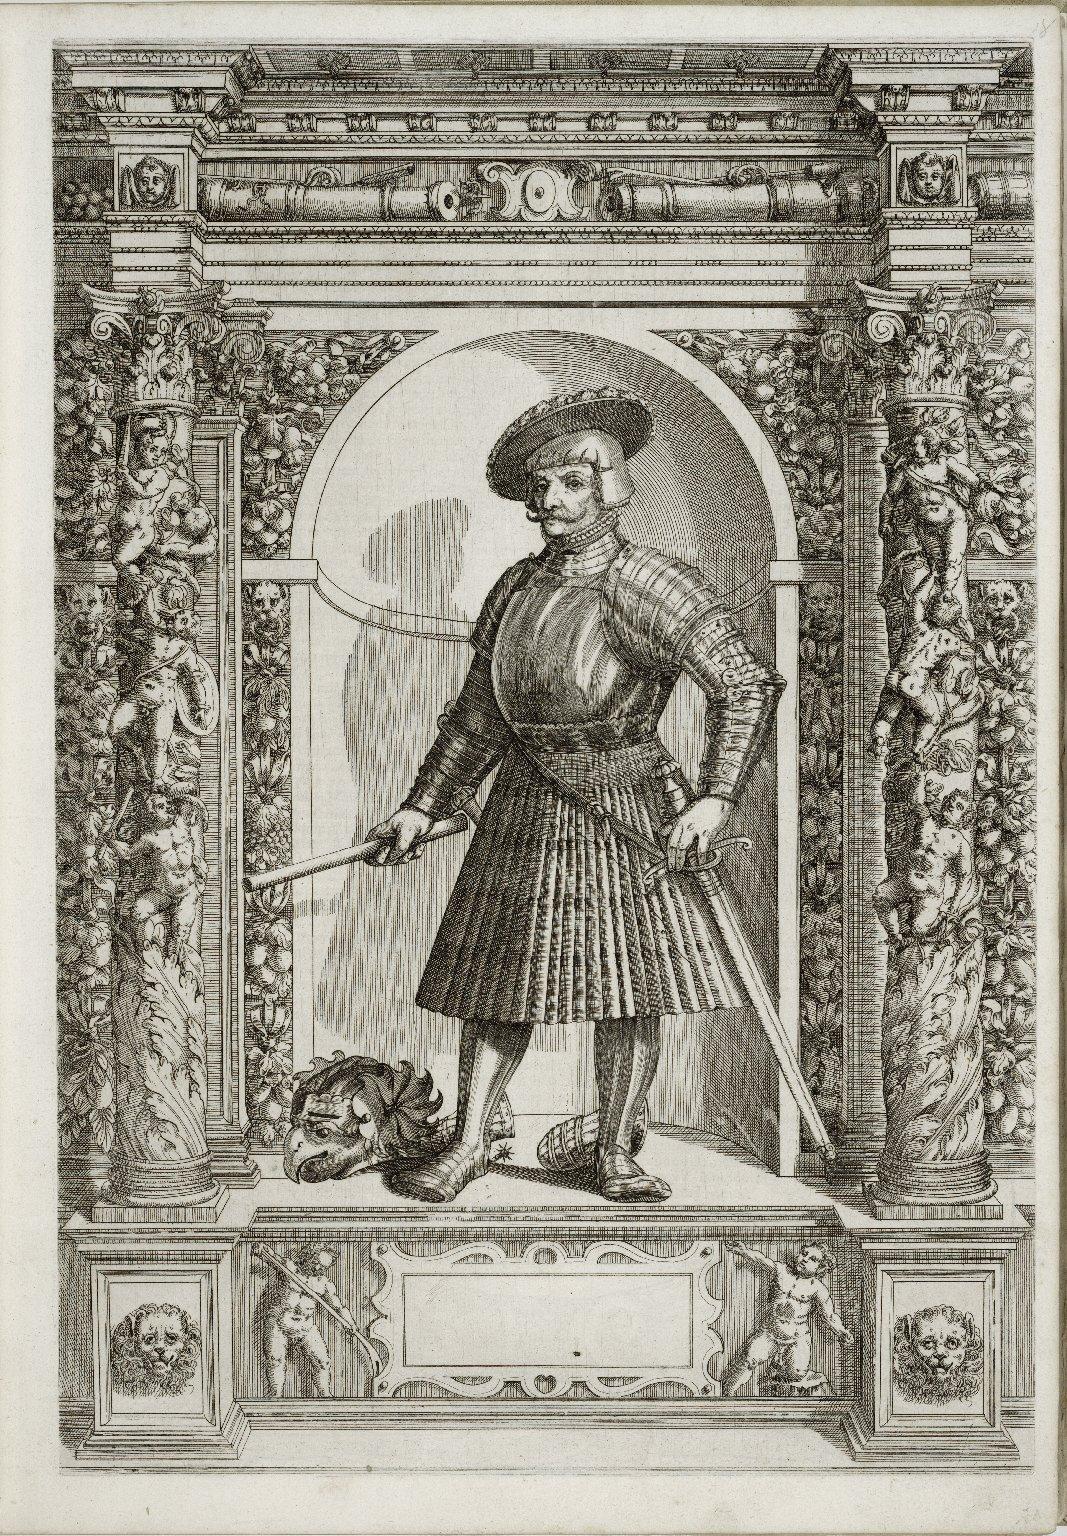 Augustissimorum imperatorum, serenissimorum regum...